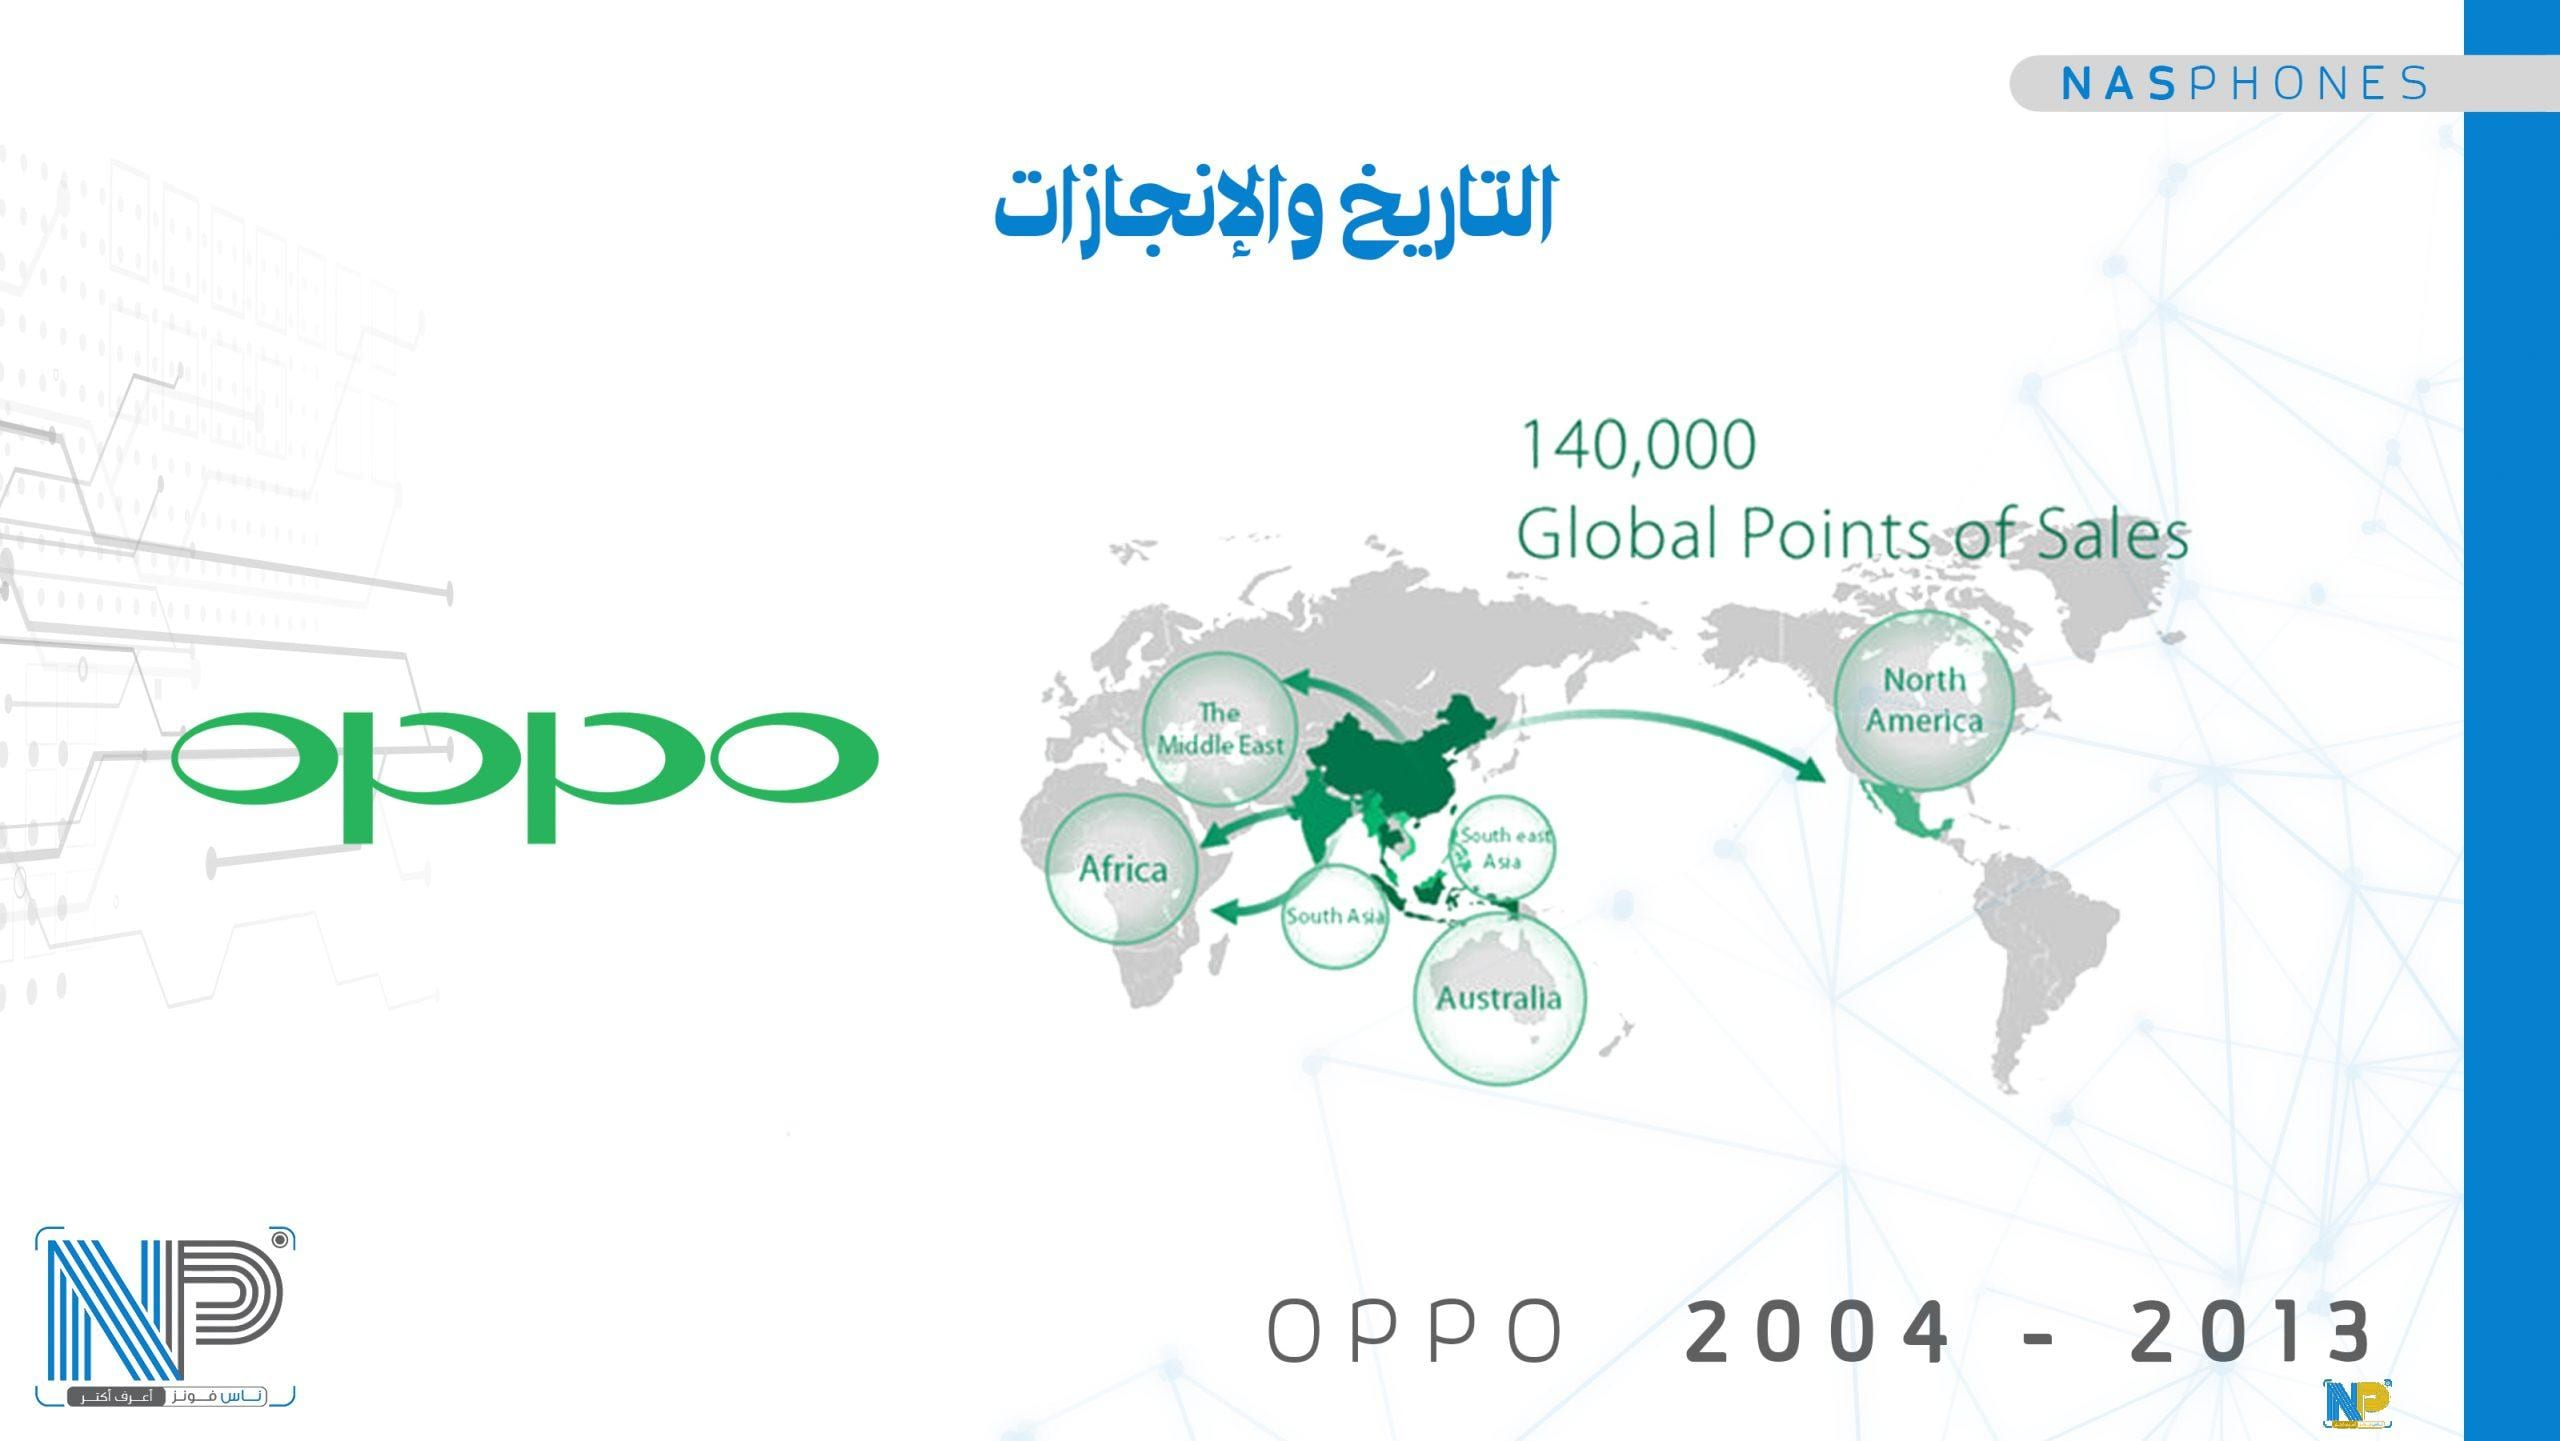 تأسيس شركة أوبو Oppo